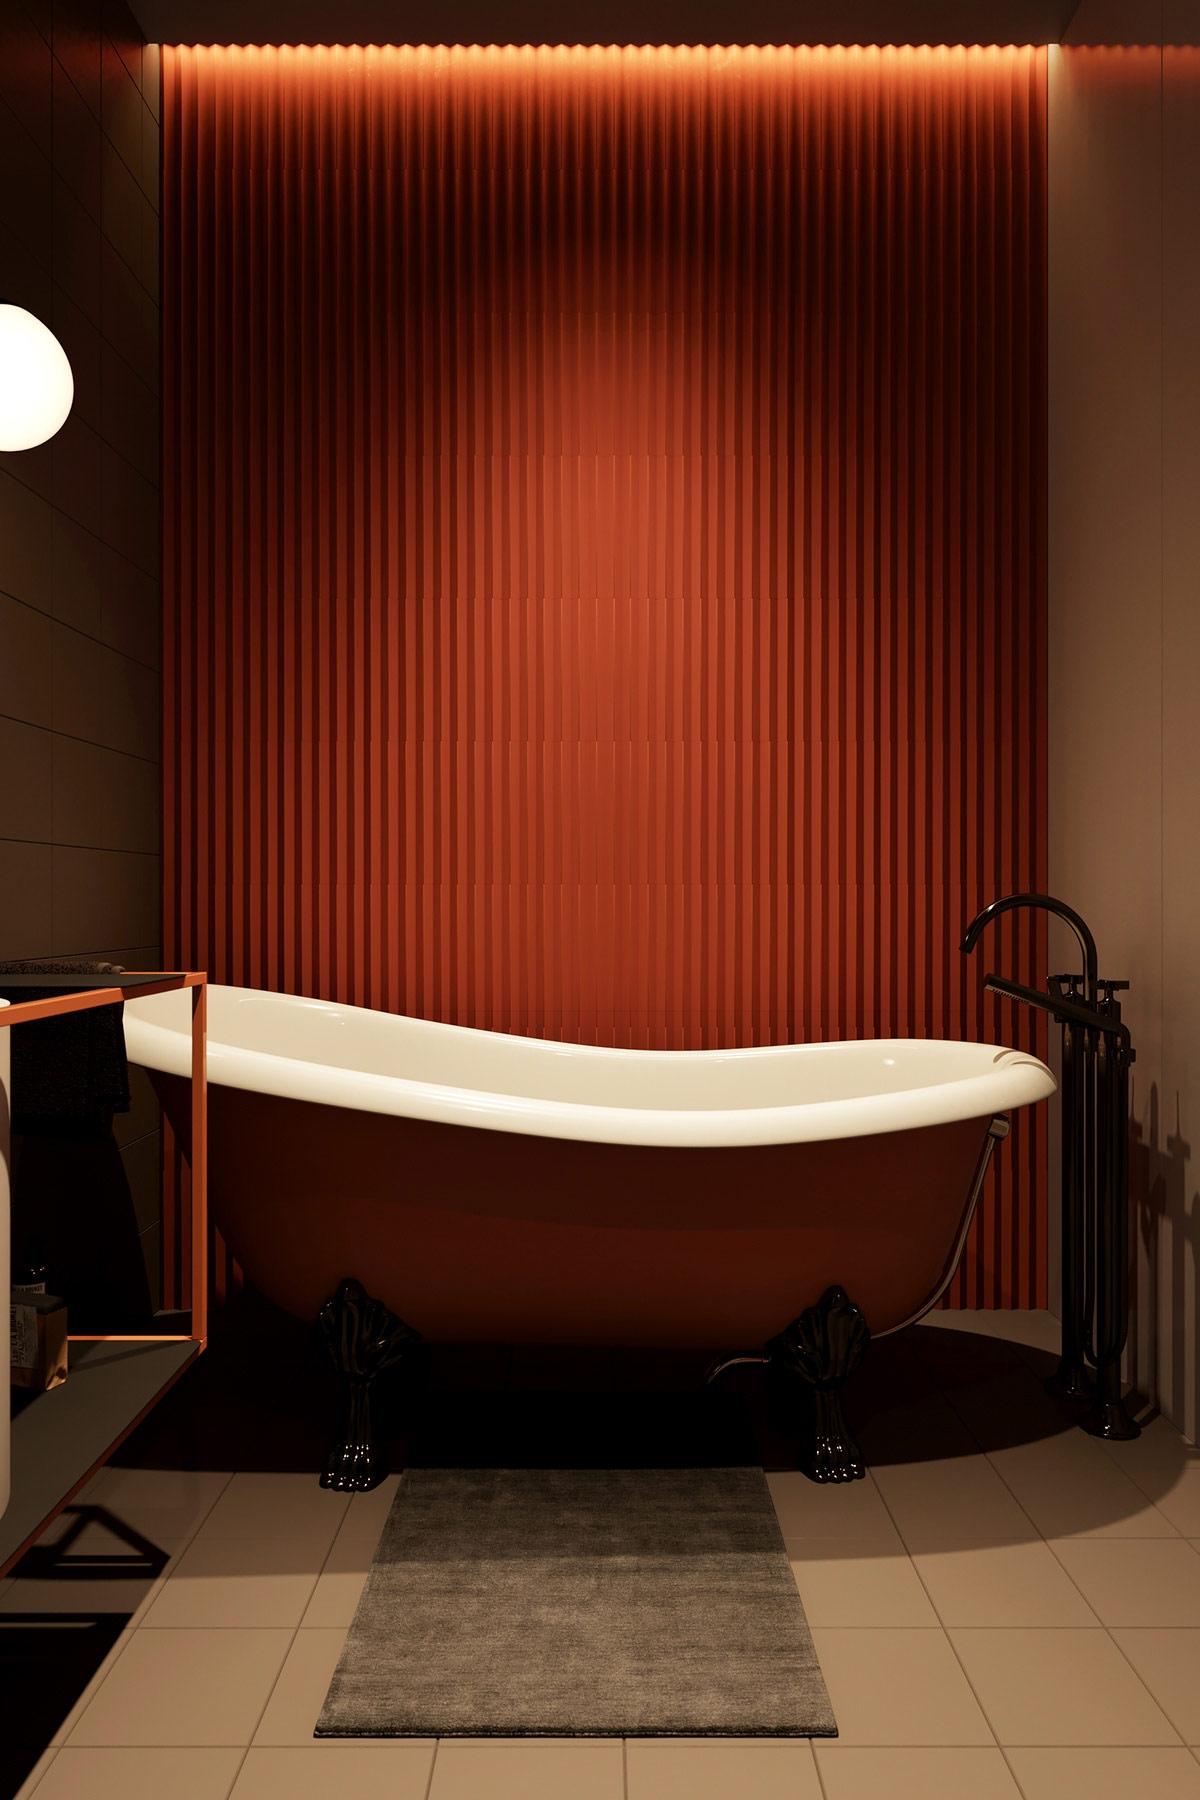 Chiếc bồn tắm màu cam quá nổi bật, là điểm nhấn nổi bật trong không gian./.